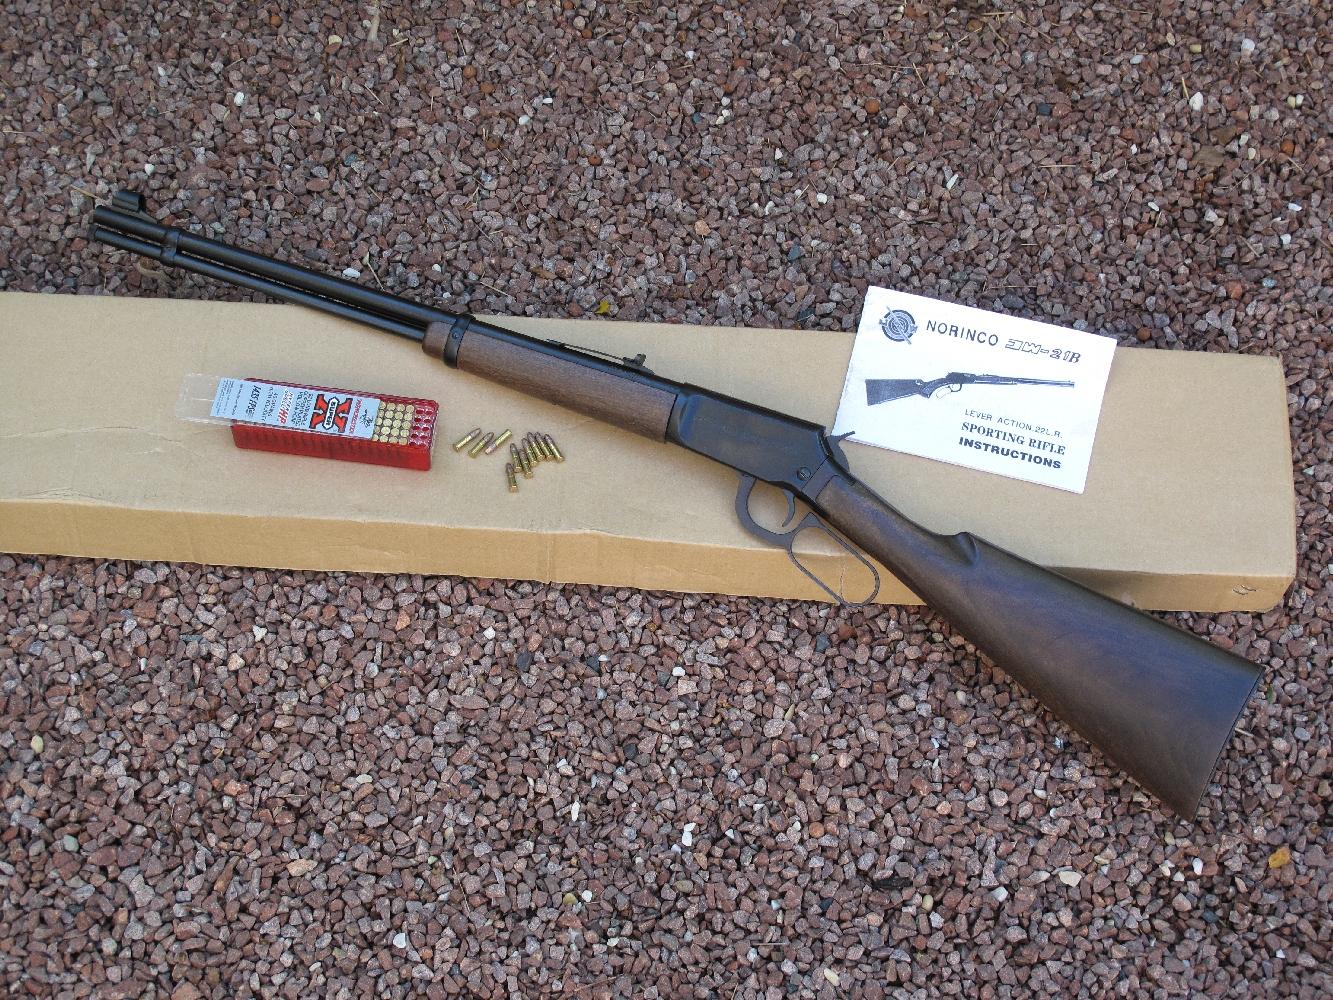 La Norinco JW-21B se présente comme une copie de la Winchester modèle 9422. C'est une carabine à répétition par levier de sous-garde dont le magasin tubulaire accueille 9 cartouches de calibre .22 Long Rifle. Elle bénéficie d'une fabrication « tout acier » et d'un bois vernis qui a bonne allure, mais l'ensemble mériterait un ajustage plus soigné. Un rail de 11 mm, fraisé sur le boîtier de culasse, permet la fixation optionnelle d'une visée optique.